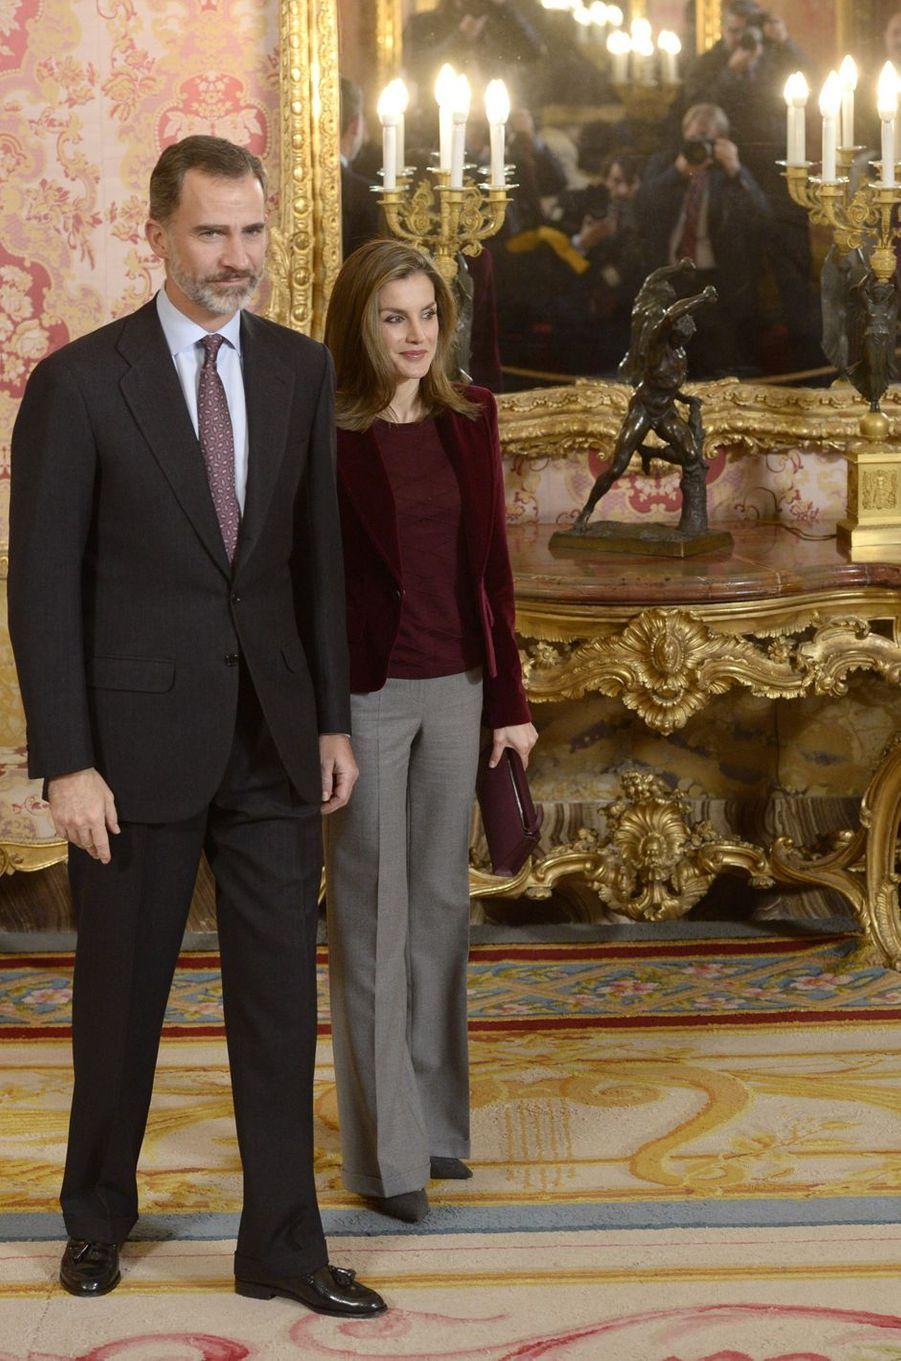 La reine Letizia et le roi Felipe VI d'Espagne reçoivent les membres du conseil de la Fondation princesse de Gérone au Palais royal à Madrid, le 14 décembre 2016